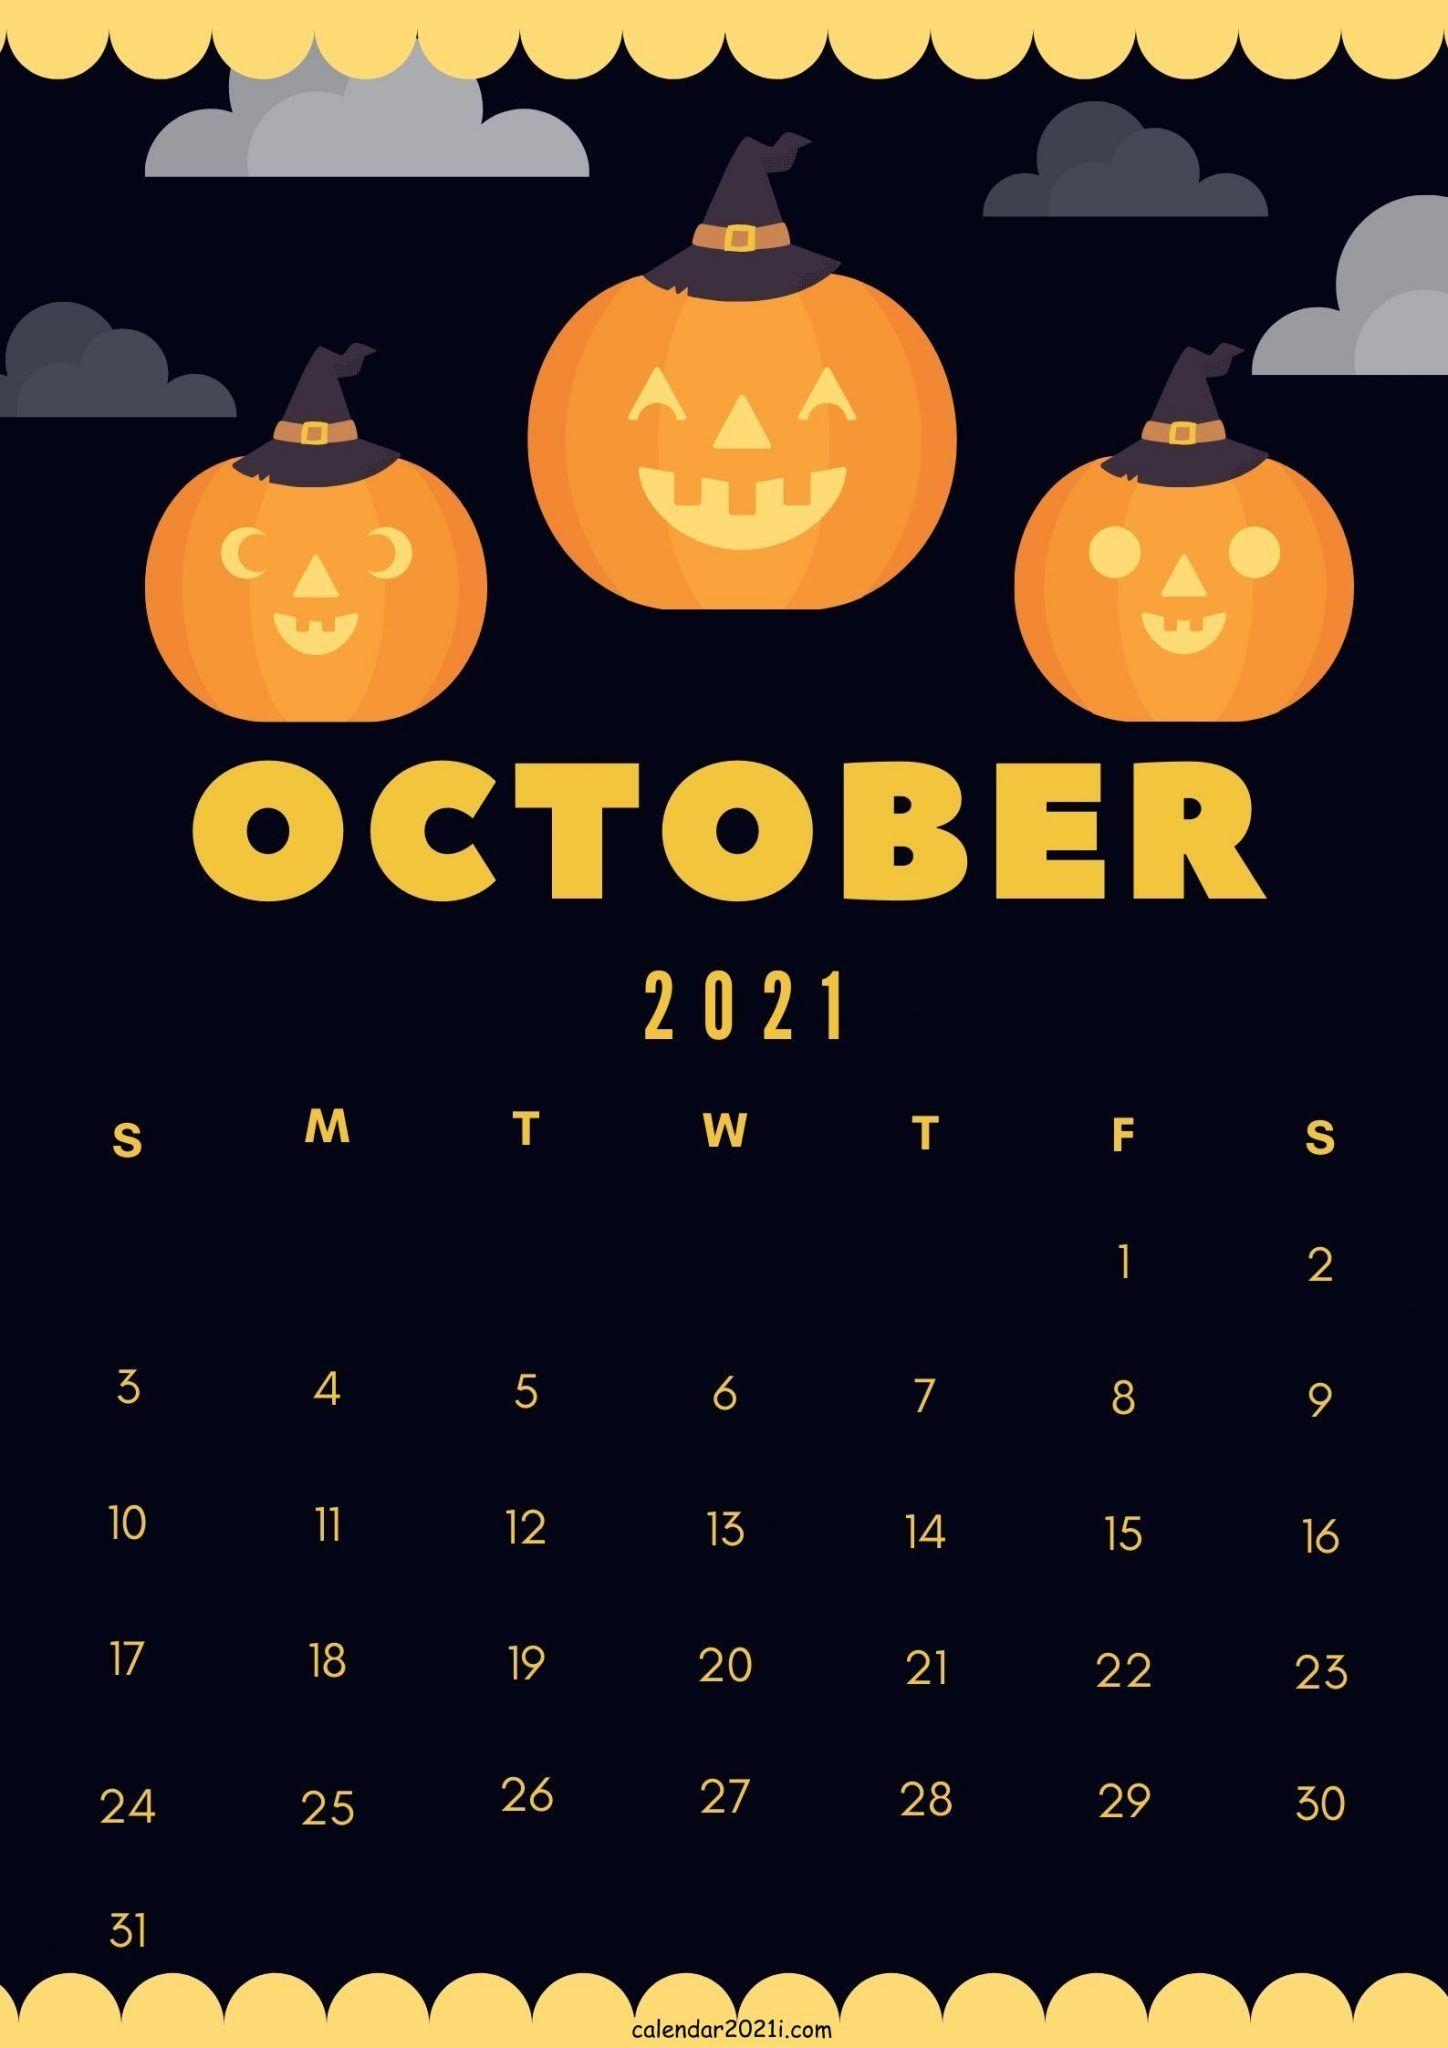 October 2021 Calendar' Photos